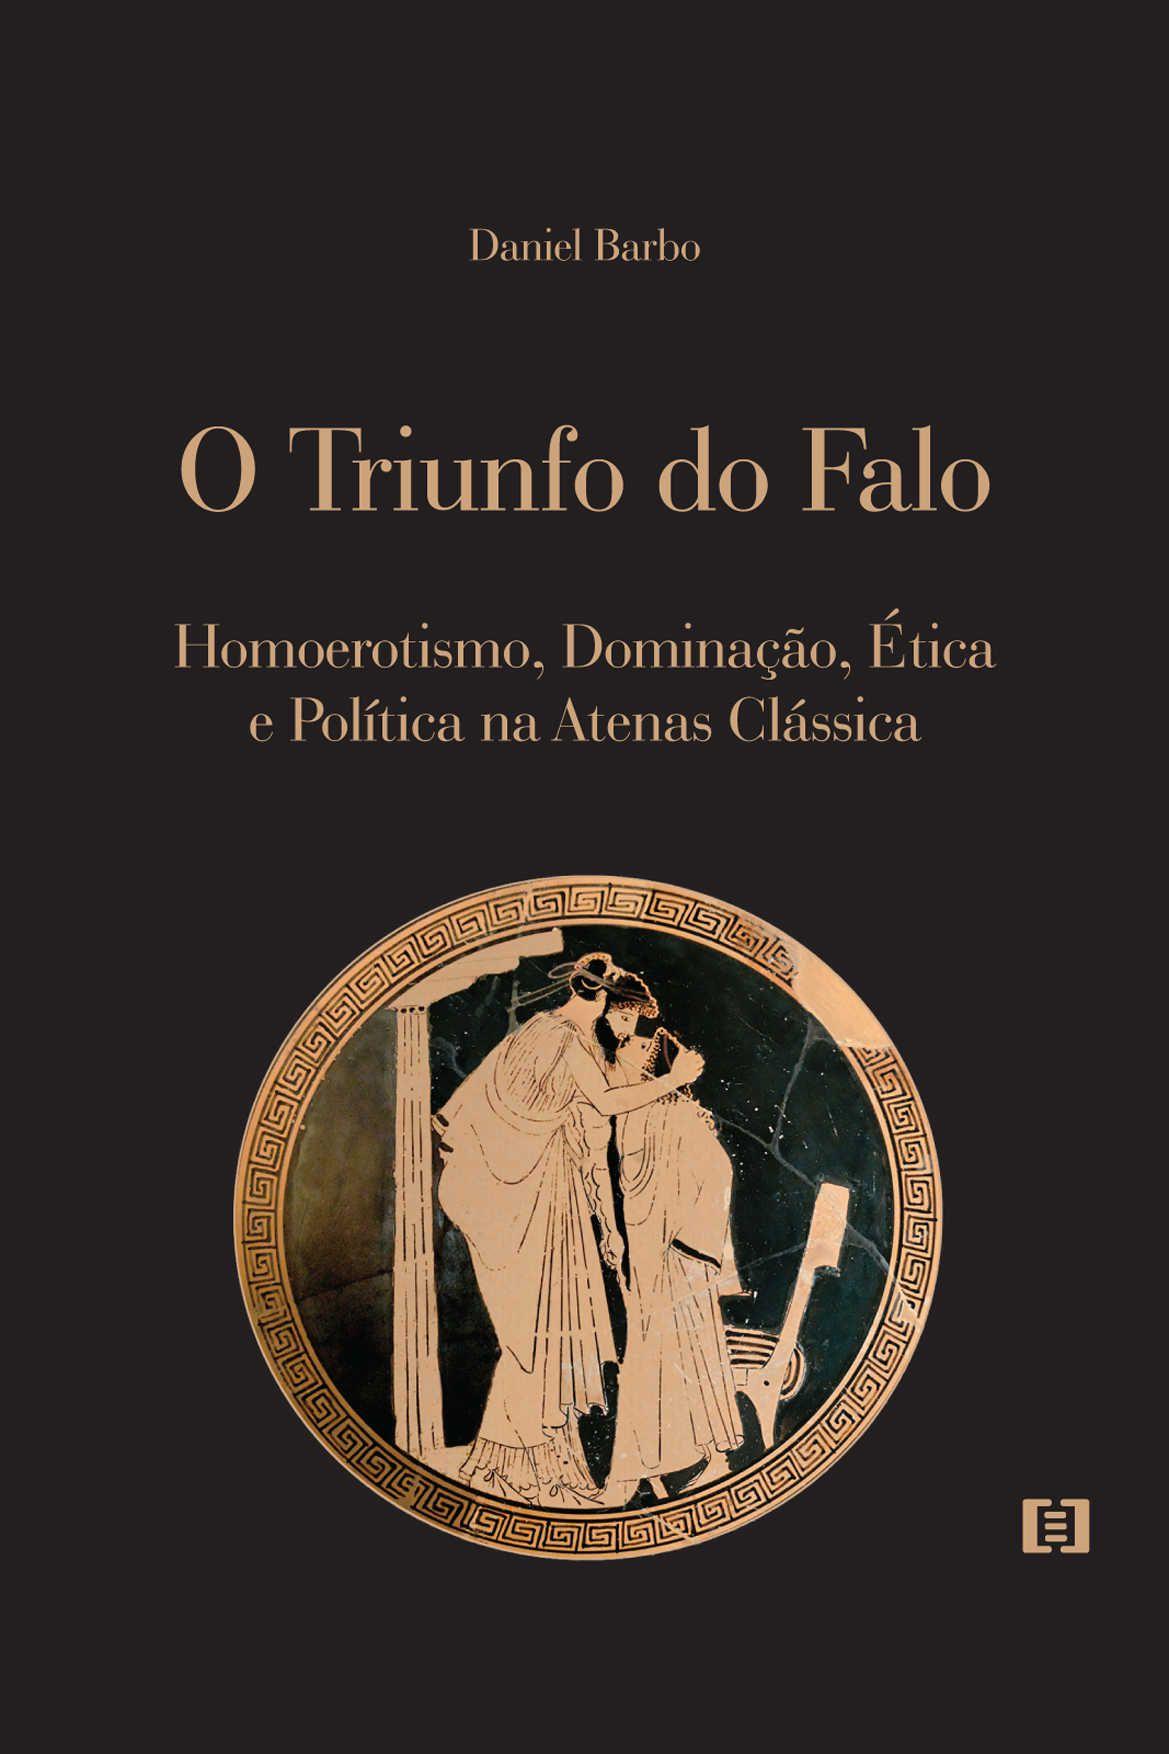 O Triunfo do Falo: Homoerotismo, Dominação, Ética e Política na Atenas Clássica